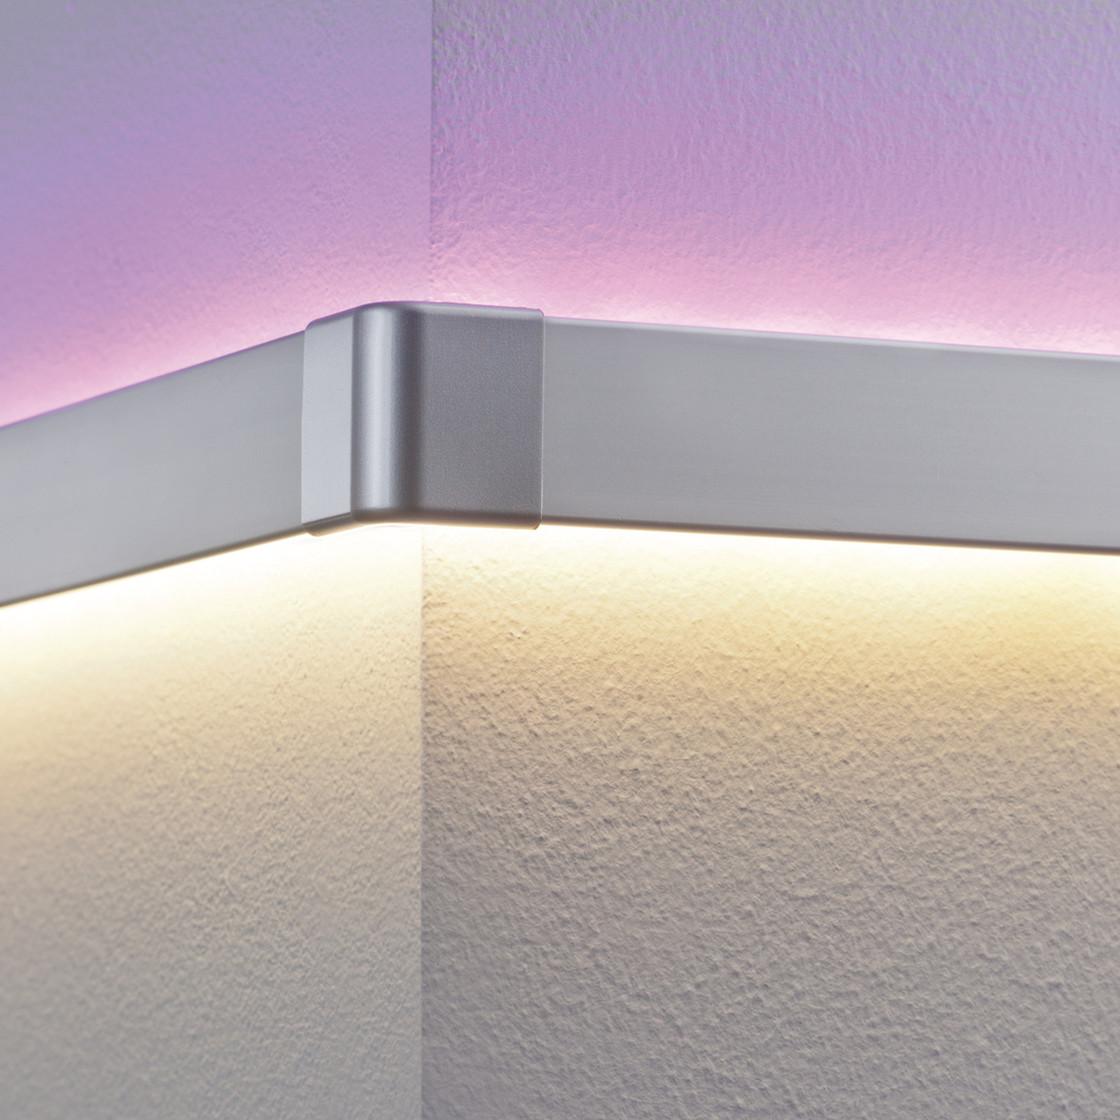 2er set paulmann duo profil corner eckprofil led leiste stripe. Black Bedroom Furniture Sets. Home Design Ideas